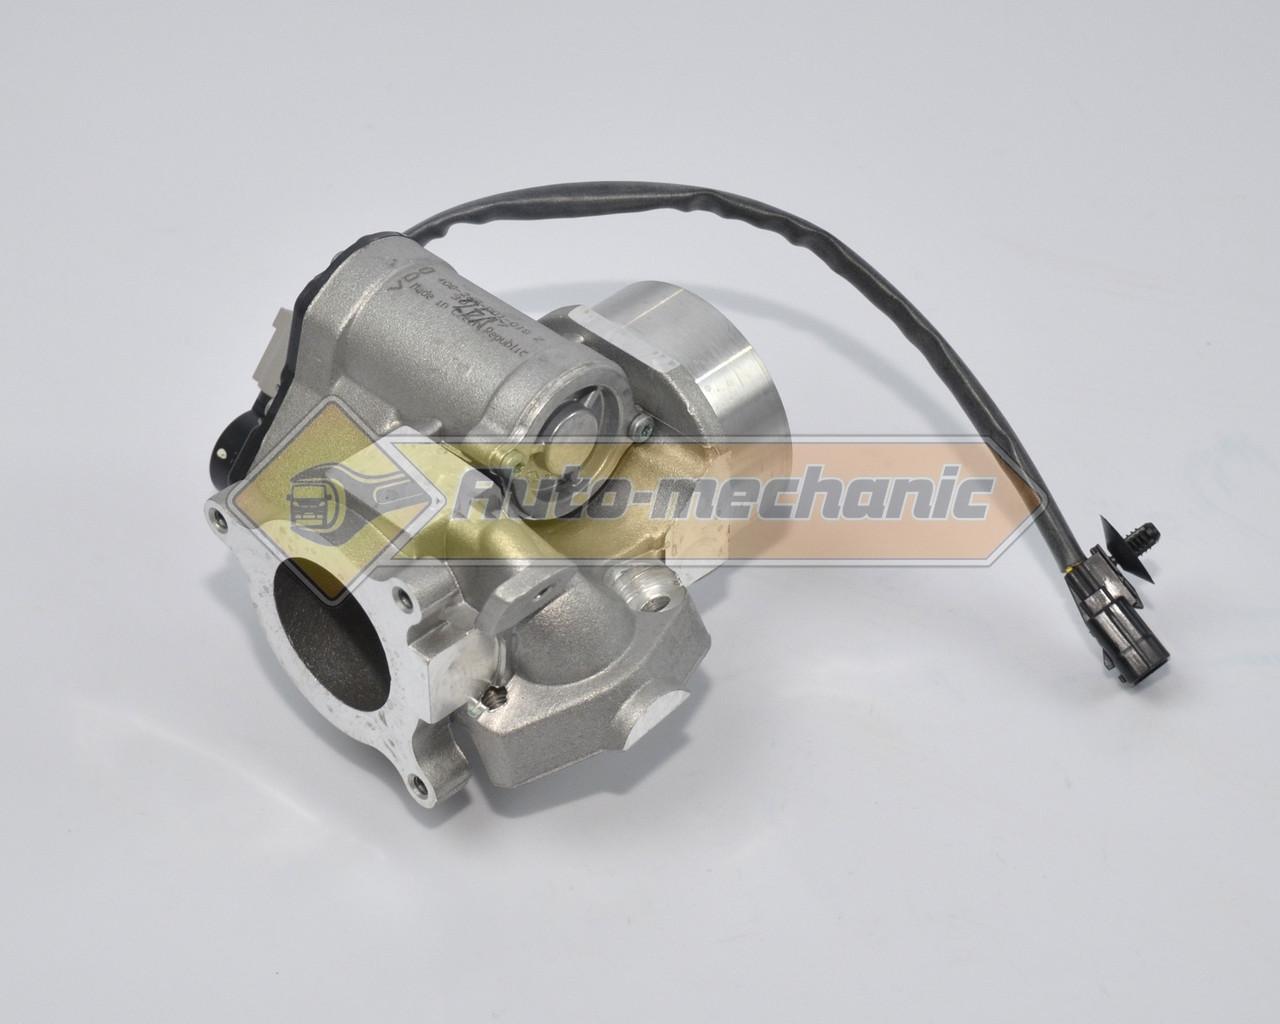 Клапан рециркуляции отработанных газов на Renault Trafic 2006-> 2,5dCi (146 л.с.) — SIEMENS - 408-265-001-018Z